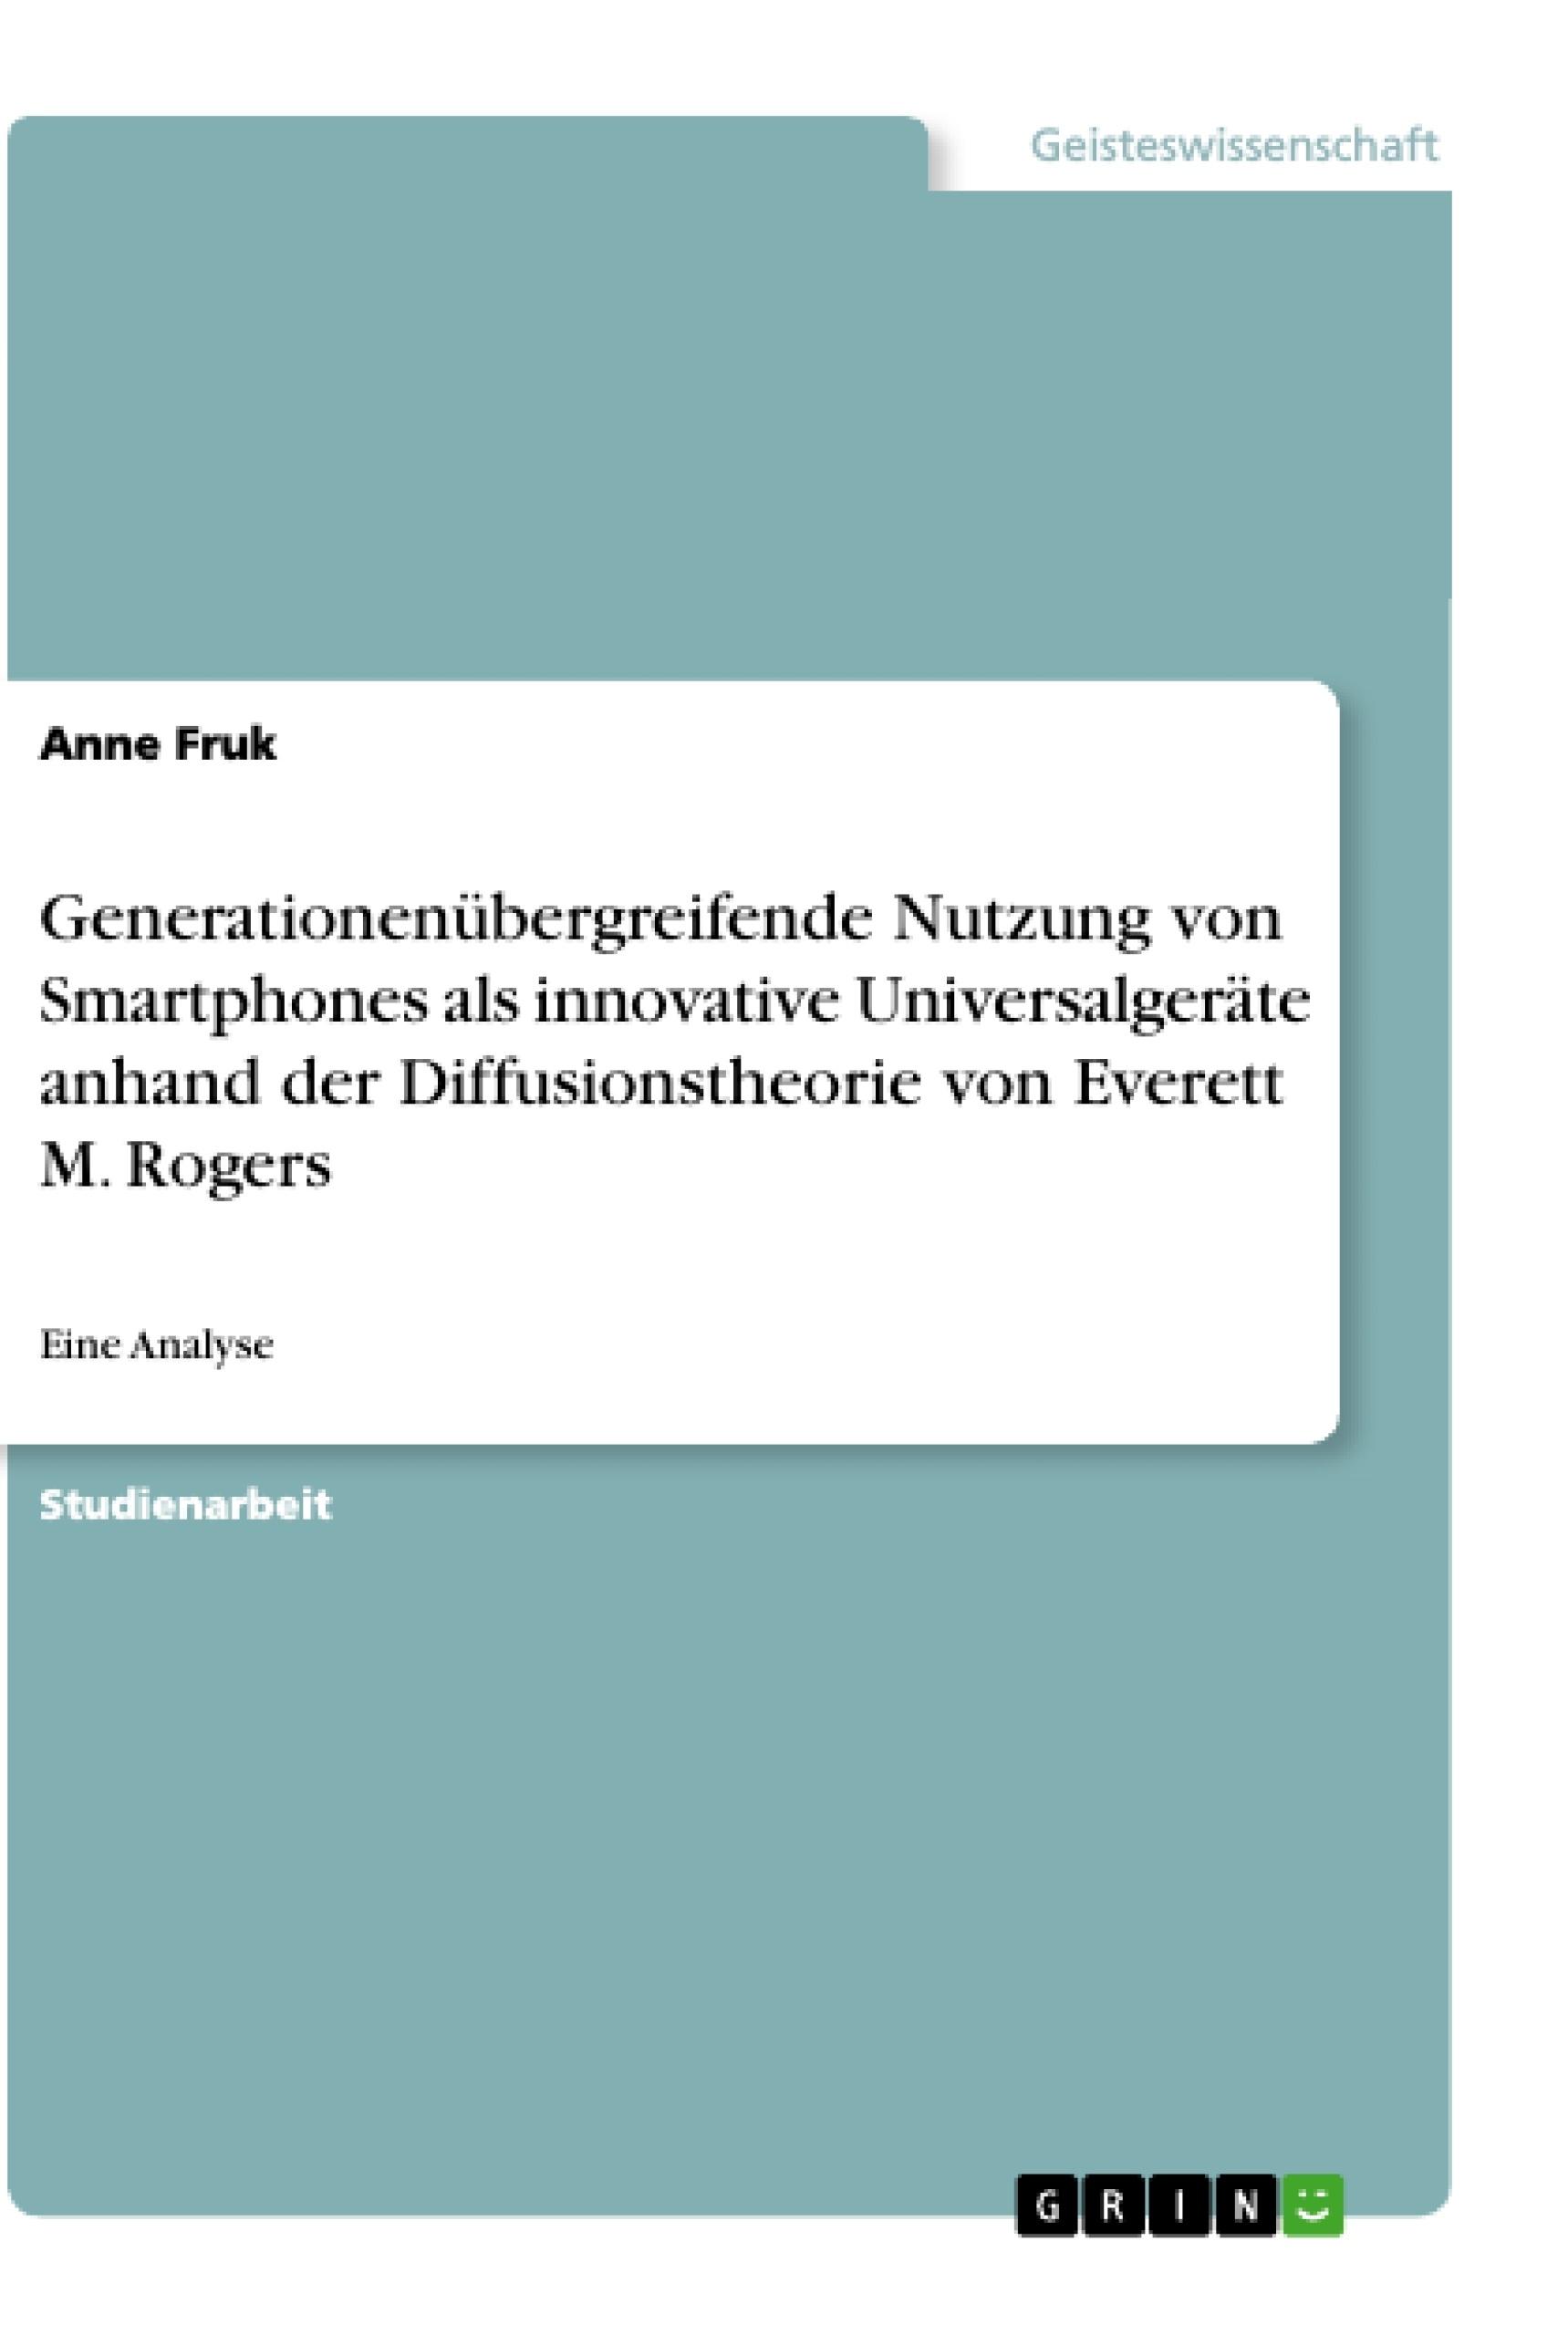 Titel: Generationenübergreifende Nutzung von Smartphones als innovative Universalgeräte anhand der Diffusionstheorie von Everett M. Rogers